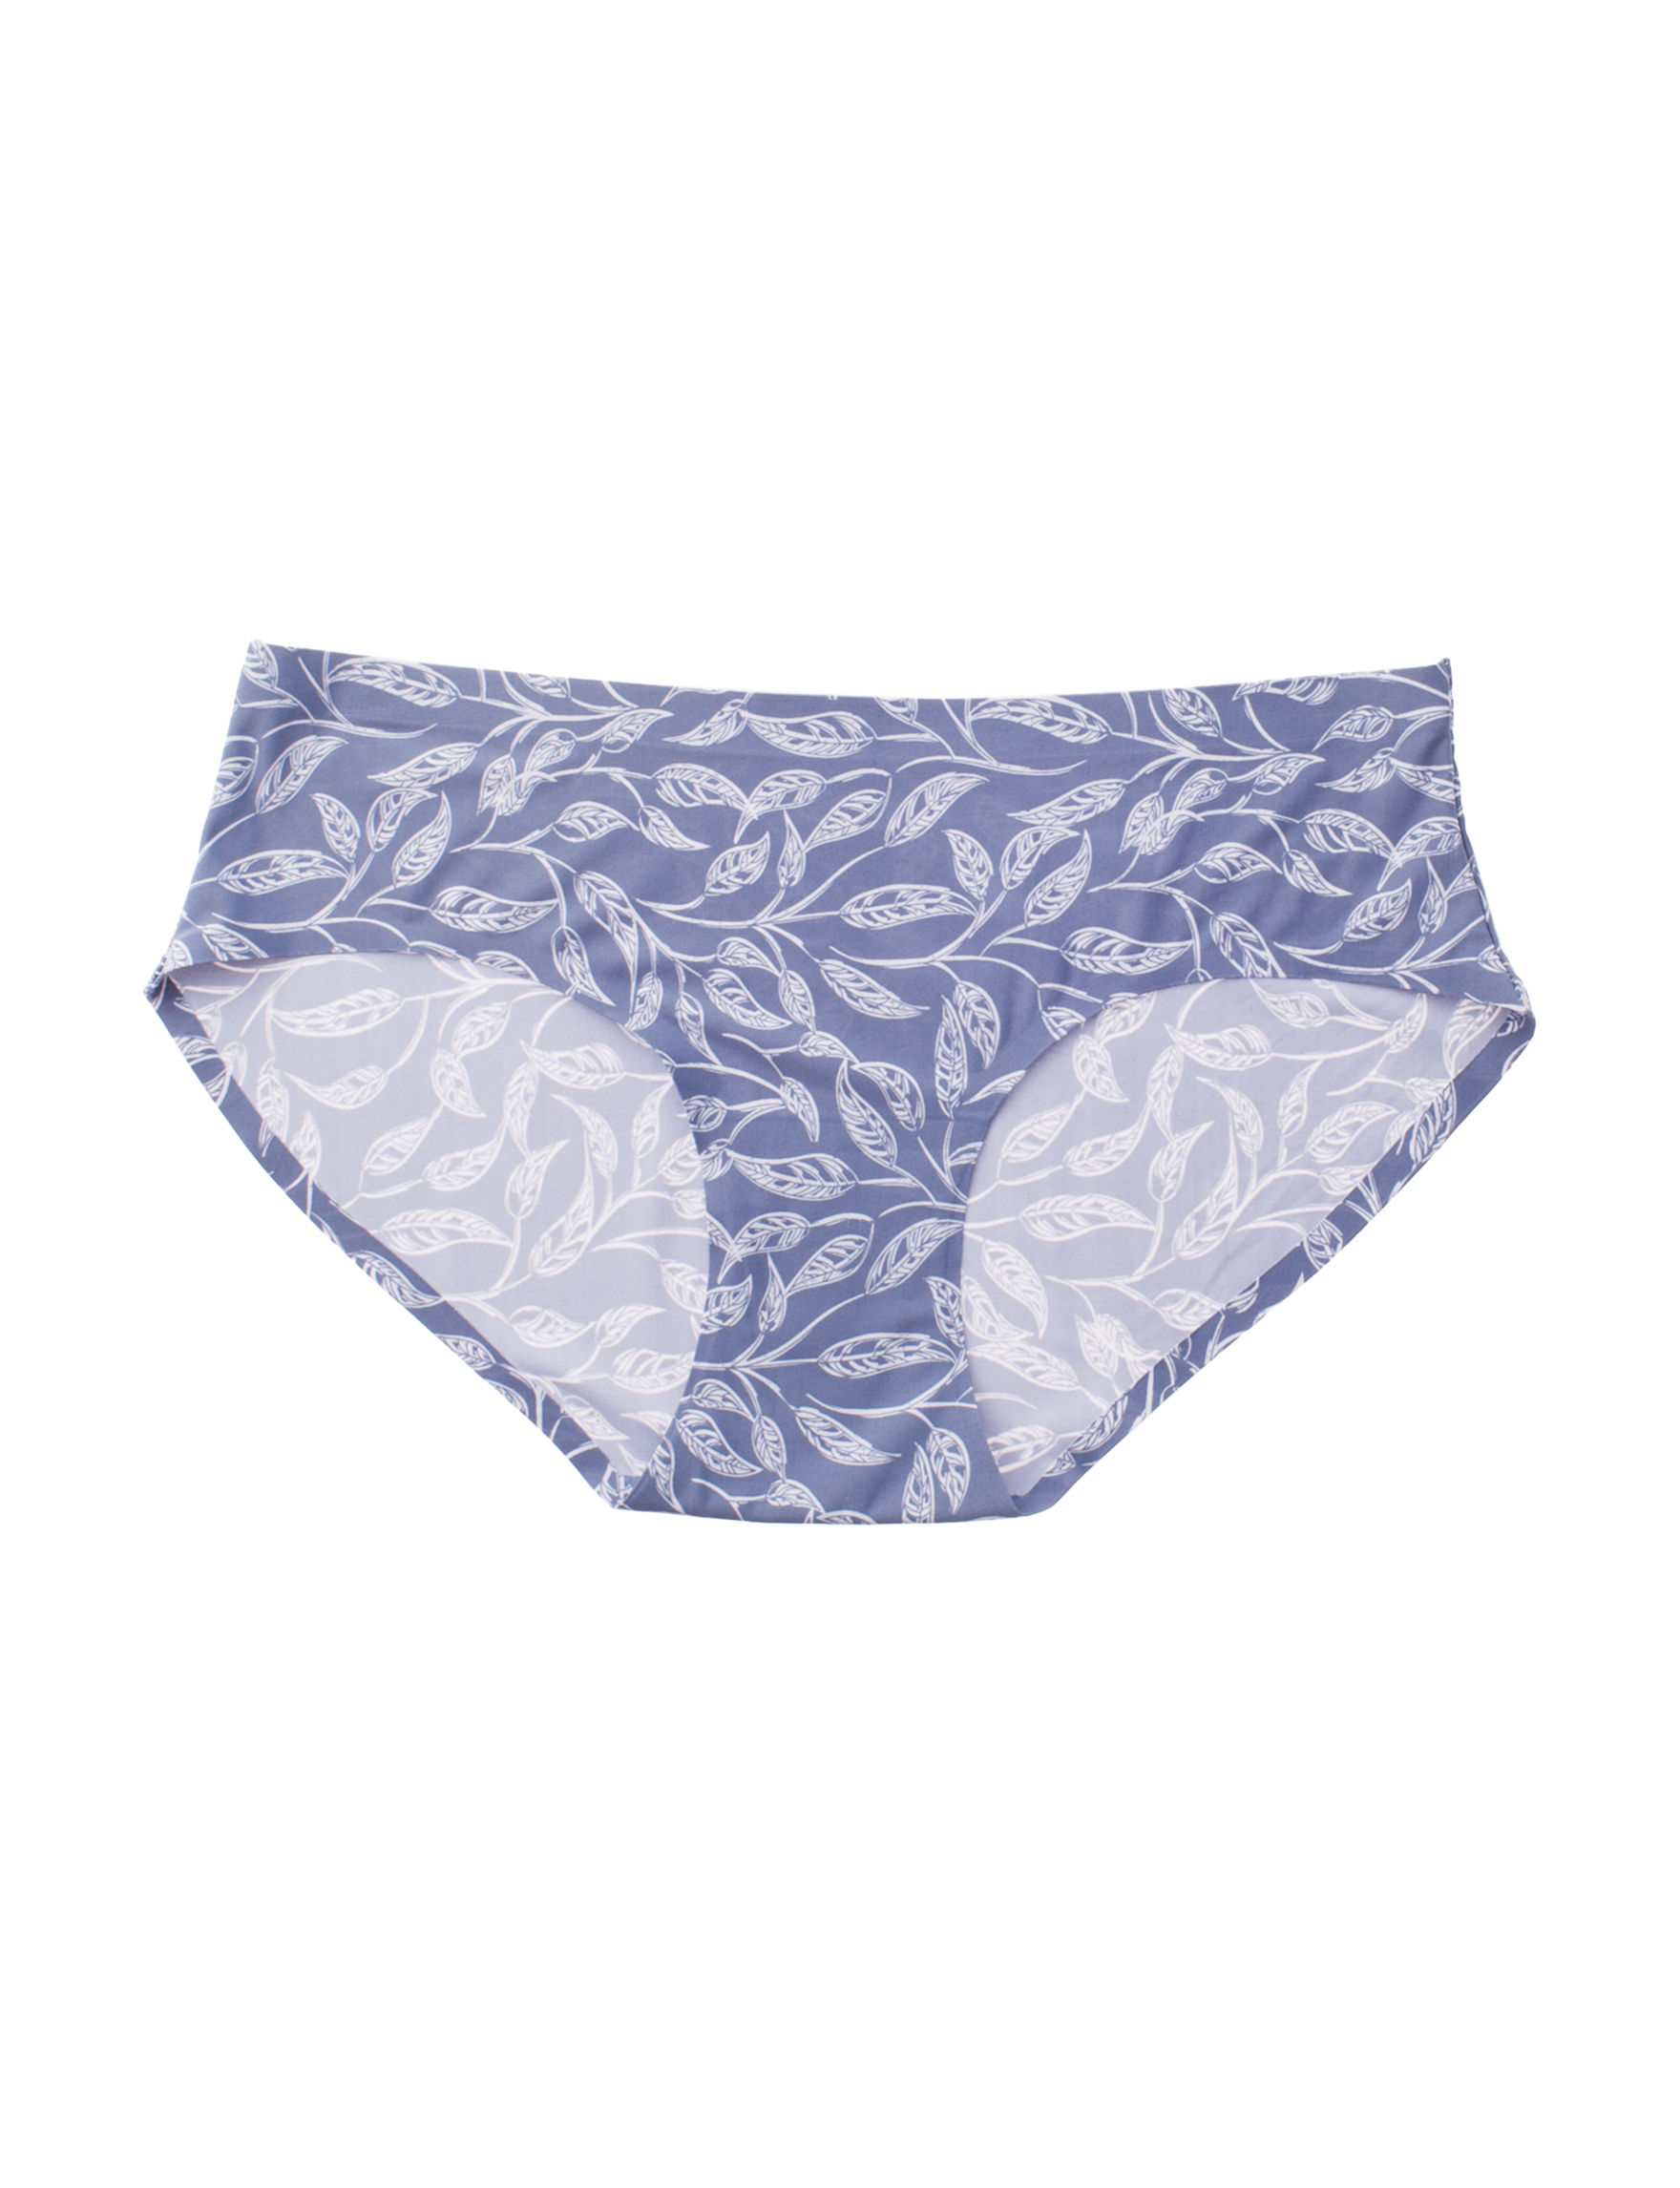 Sophie B Blue Panties Hipster